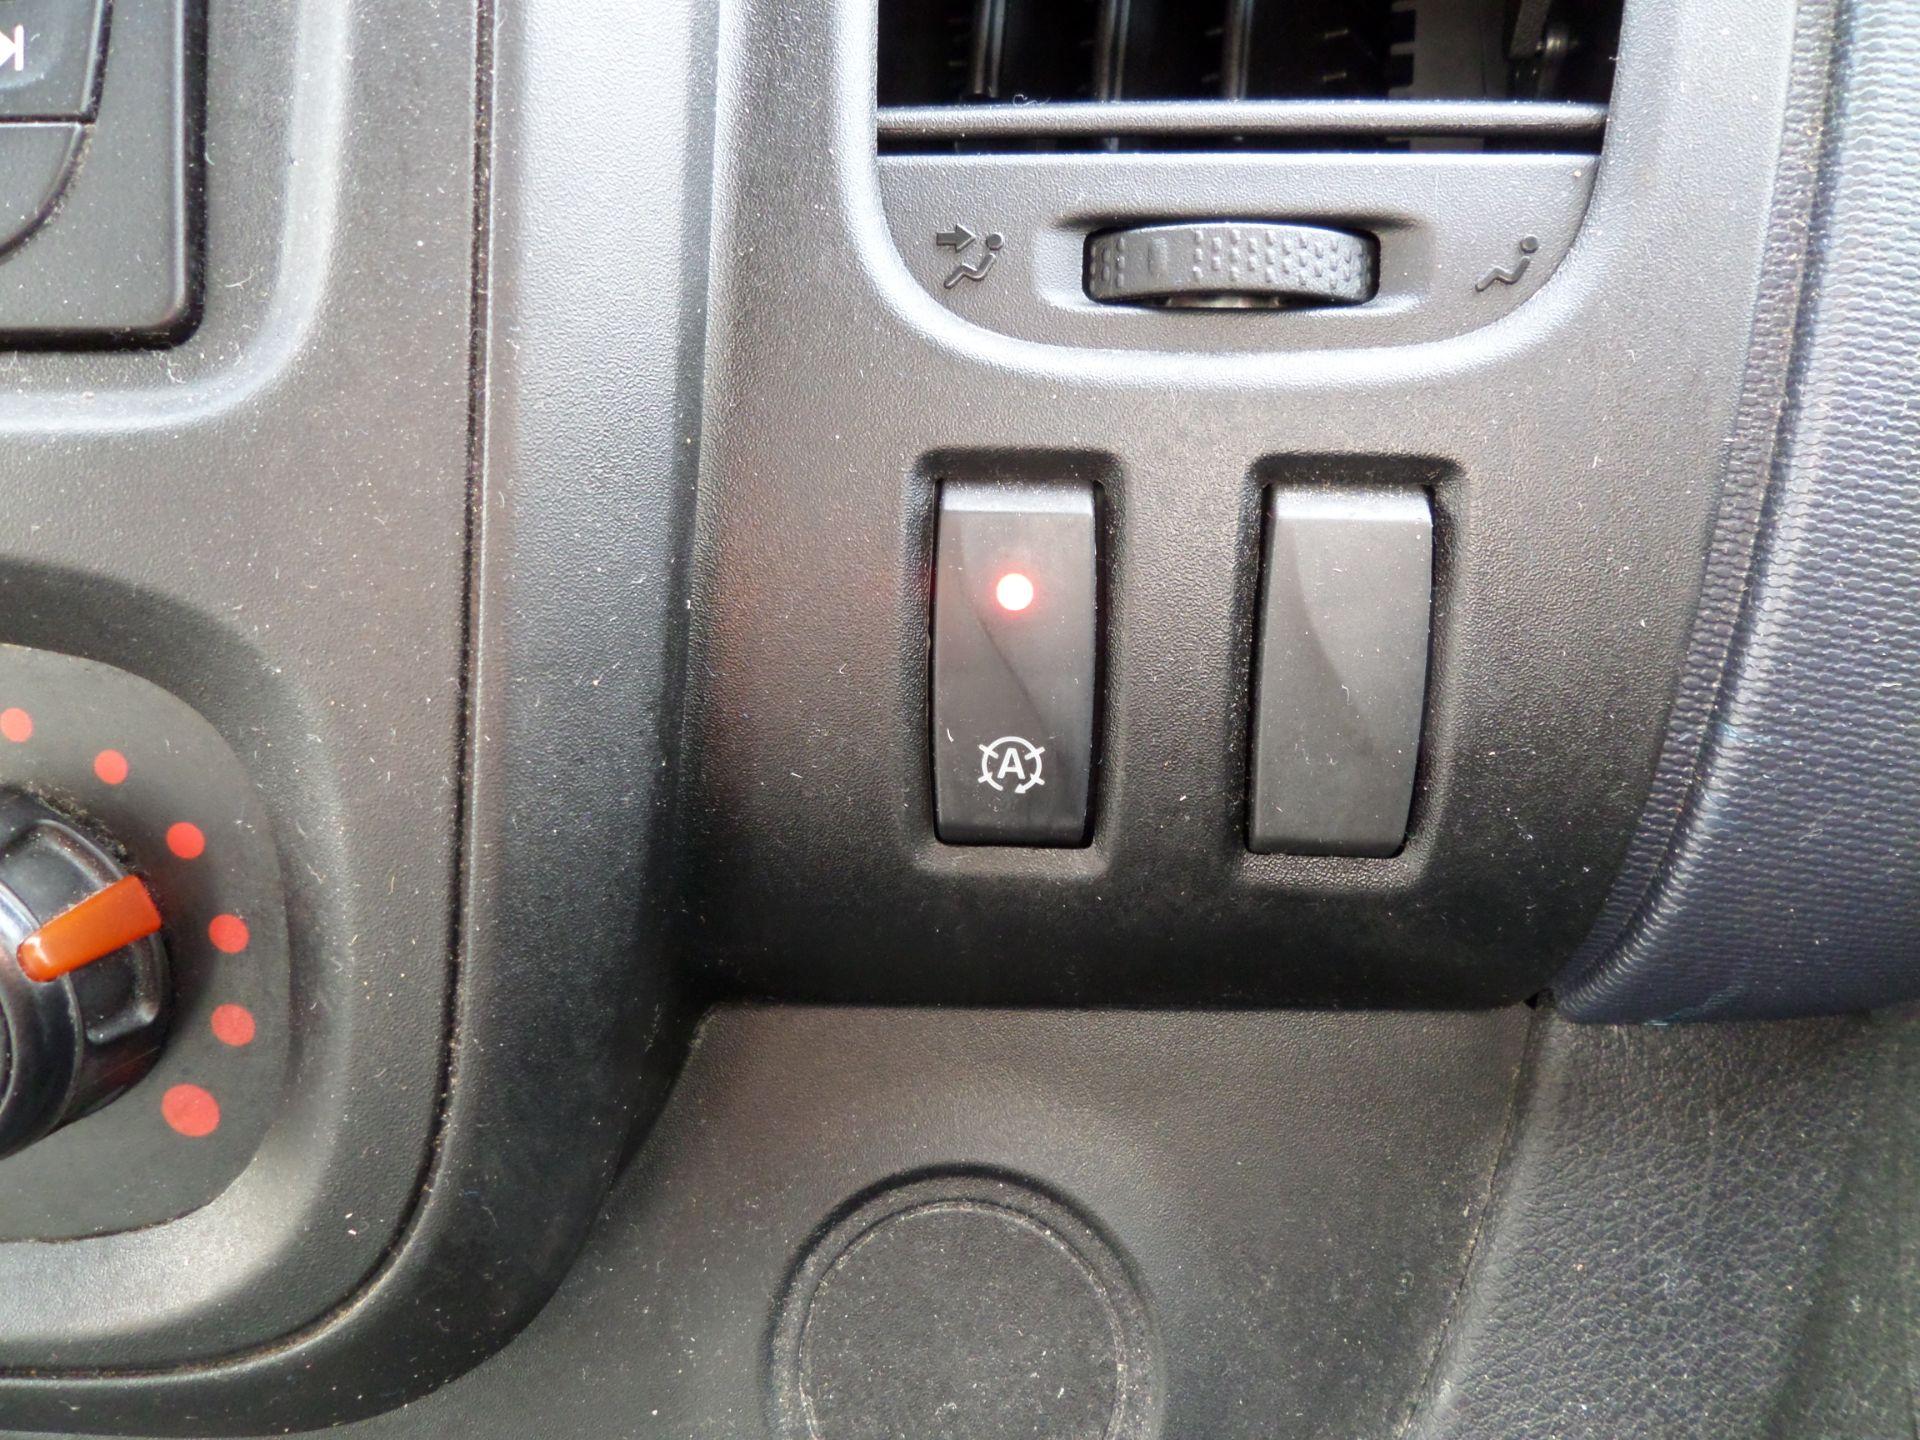 2017 Vauxhall Vivaro 2900 1.6Cdti Biturbo 125Ps H1 Combi 9 Seat (NO VAT) 70mph Limited (DY17UTV) Image 16